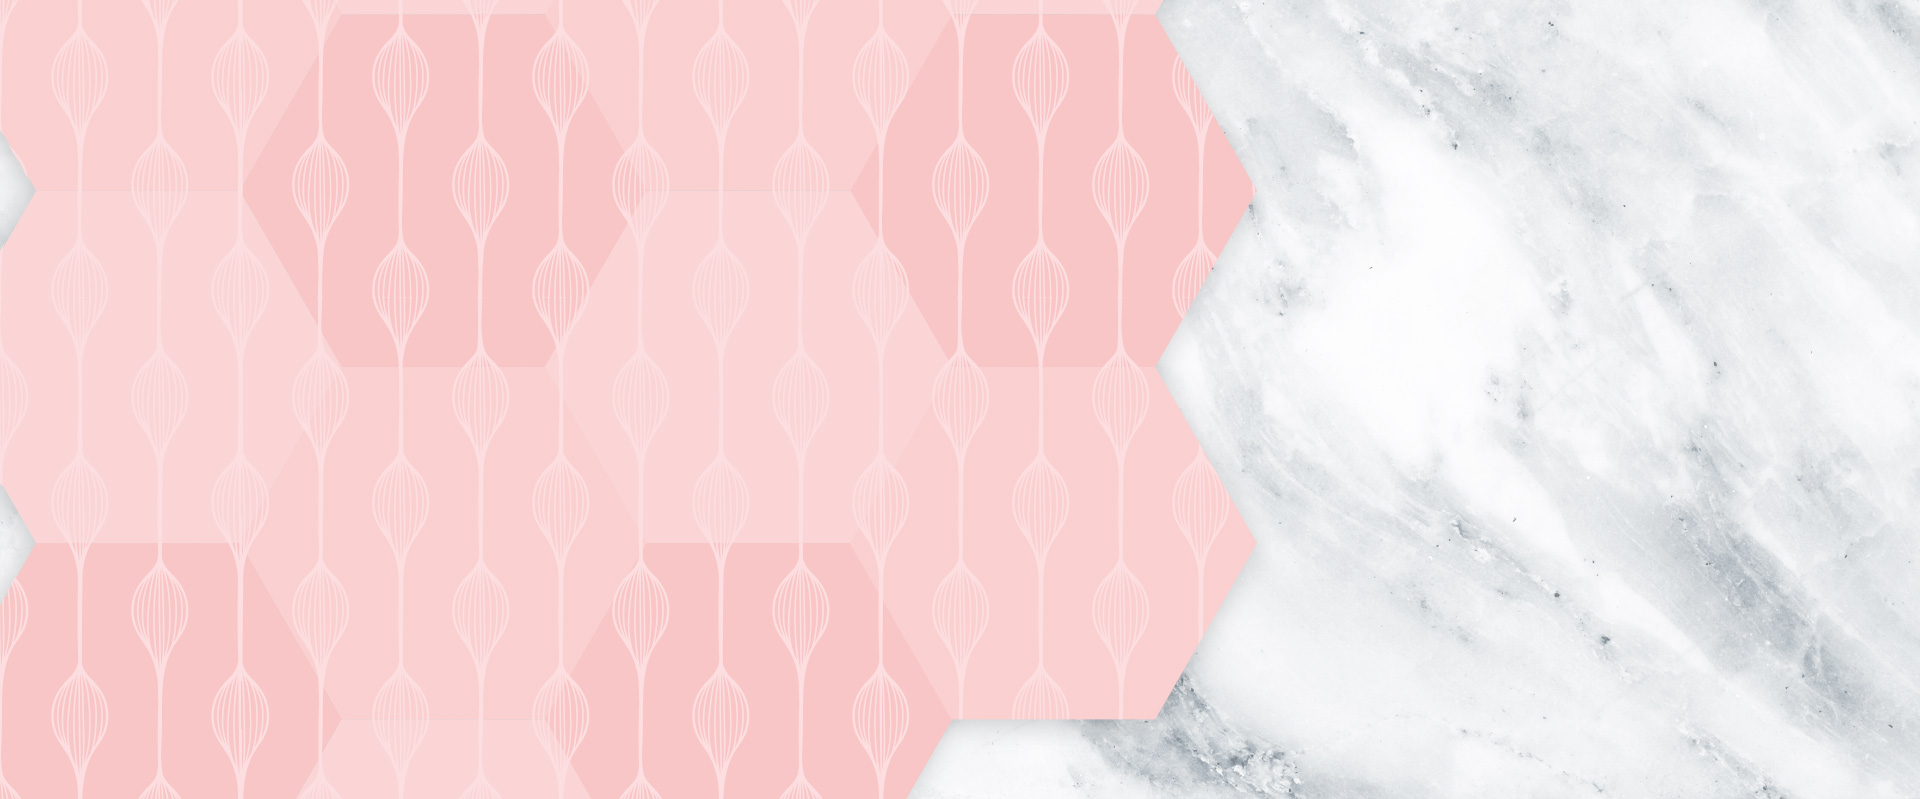 slider-ecrin-bg-rose-marbre.jpg